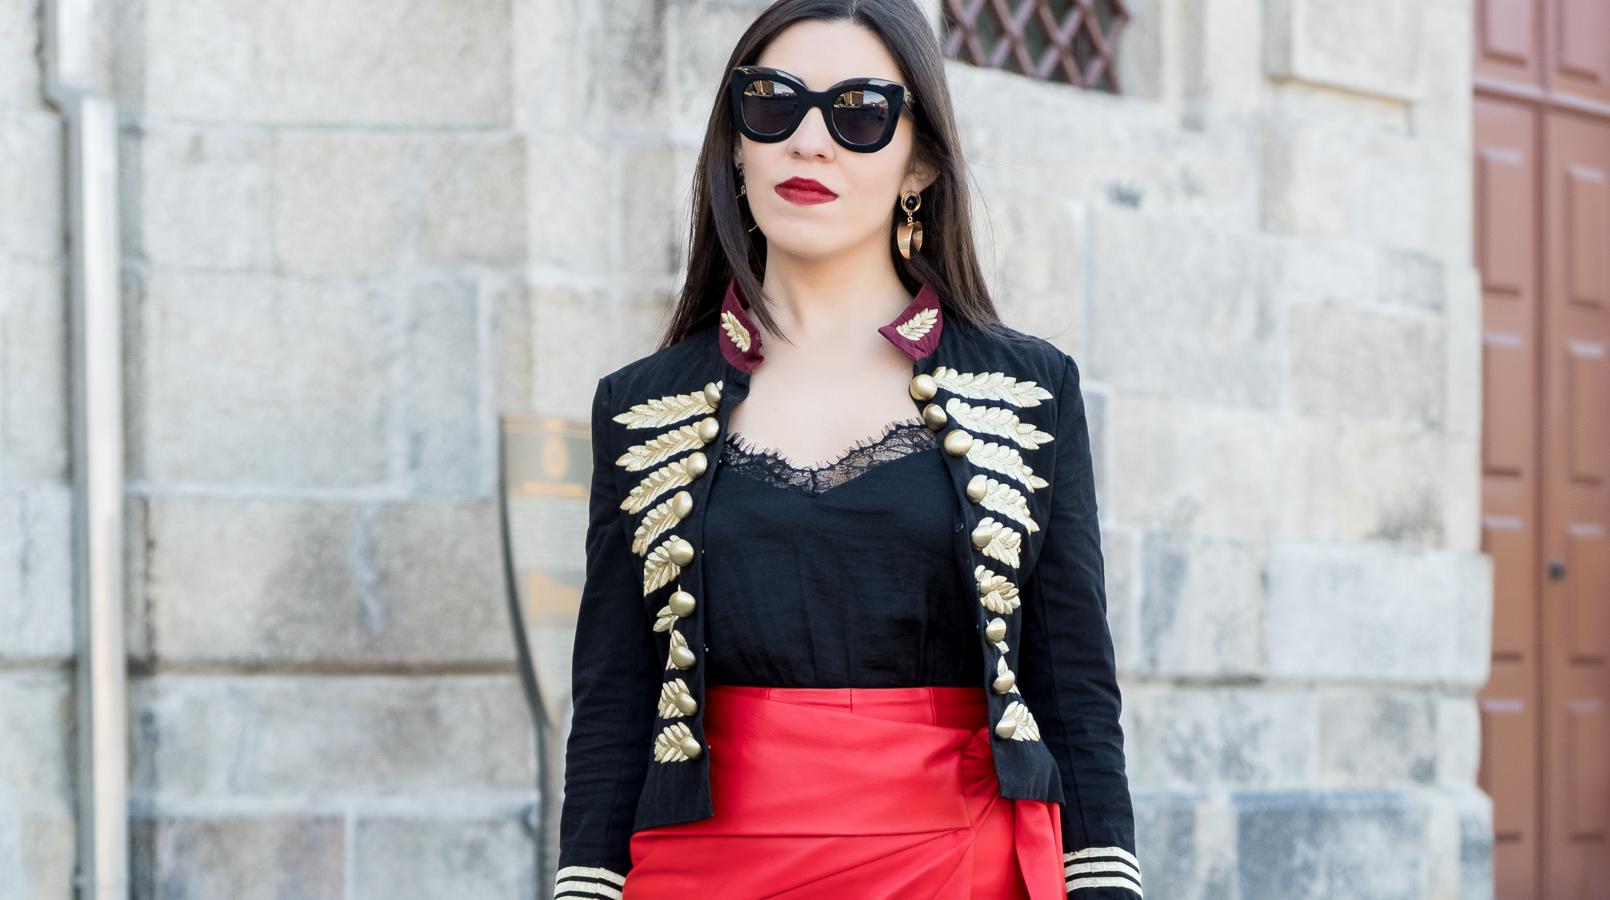 Le Fashionaire Pessoal: a internet é uma realidade editada casaco azul escuro arneses dourado vermelho botoes minusey top preto shein renda oculos sol grandes celine preto 3664F PT